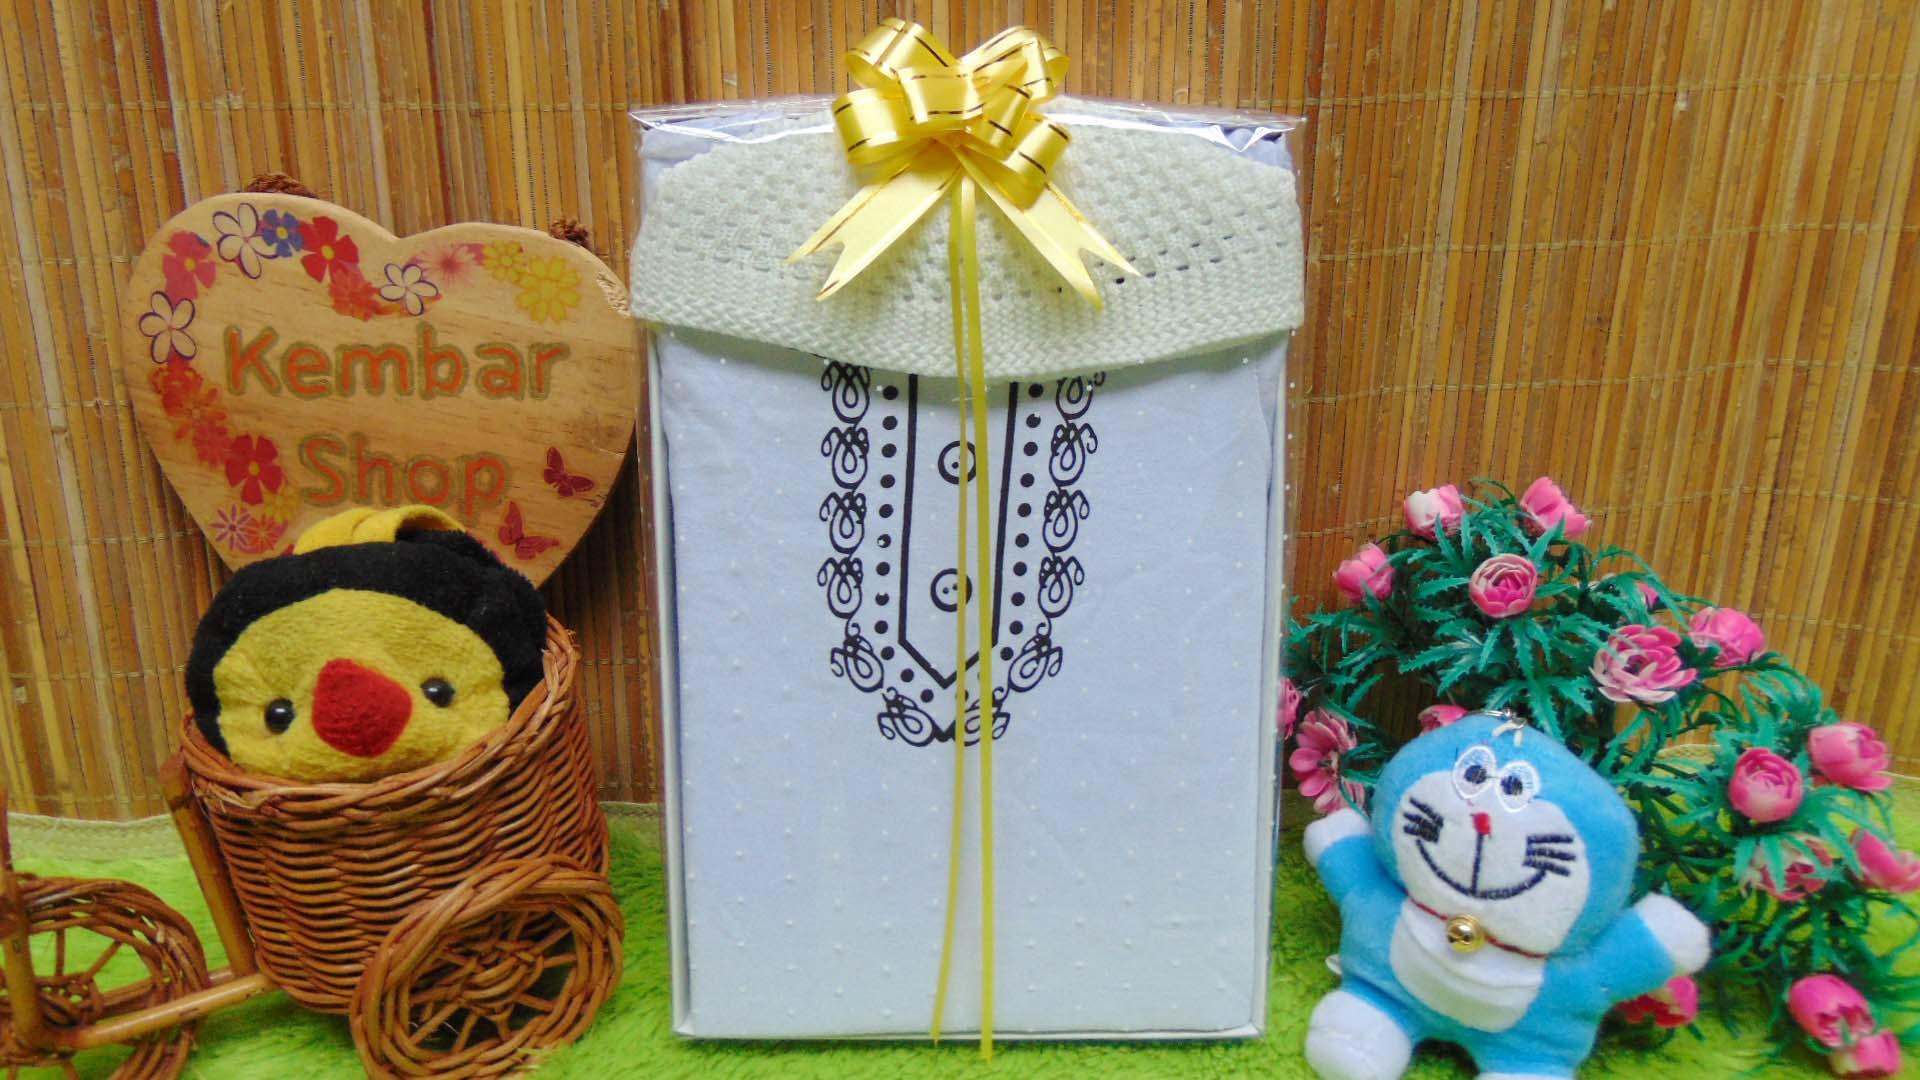 FREE KARTU UCAPAN paket kado lahiran bayi baby gift set box Romper bayi muslim Plus peci Aneka Warna (2)